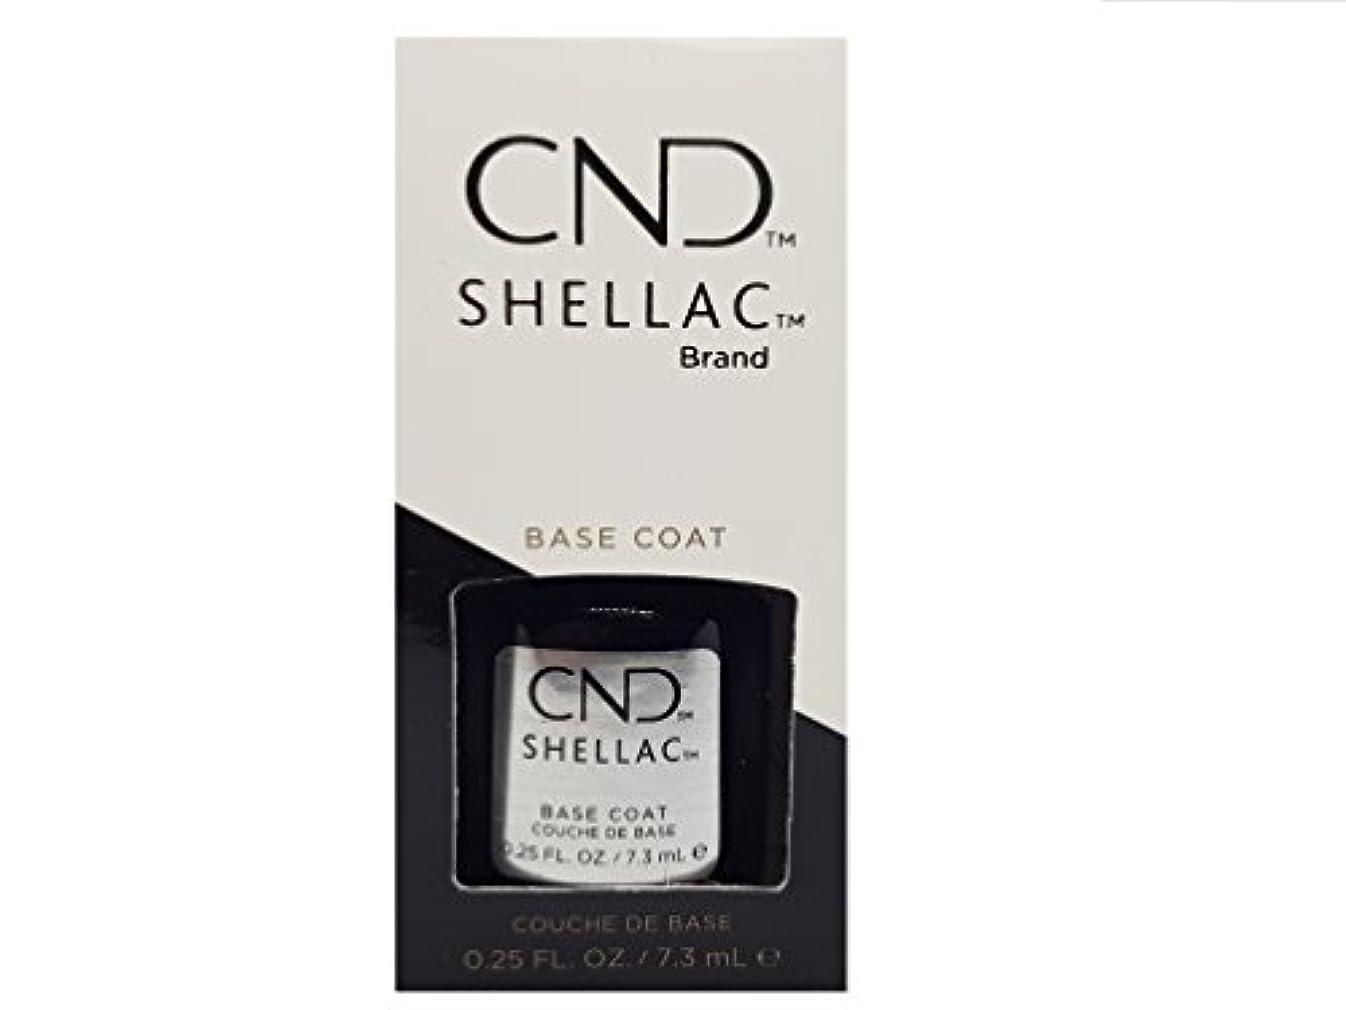 抽象化スタウト禁止CND シェラック UVベースコート 7.3ml